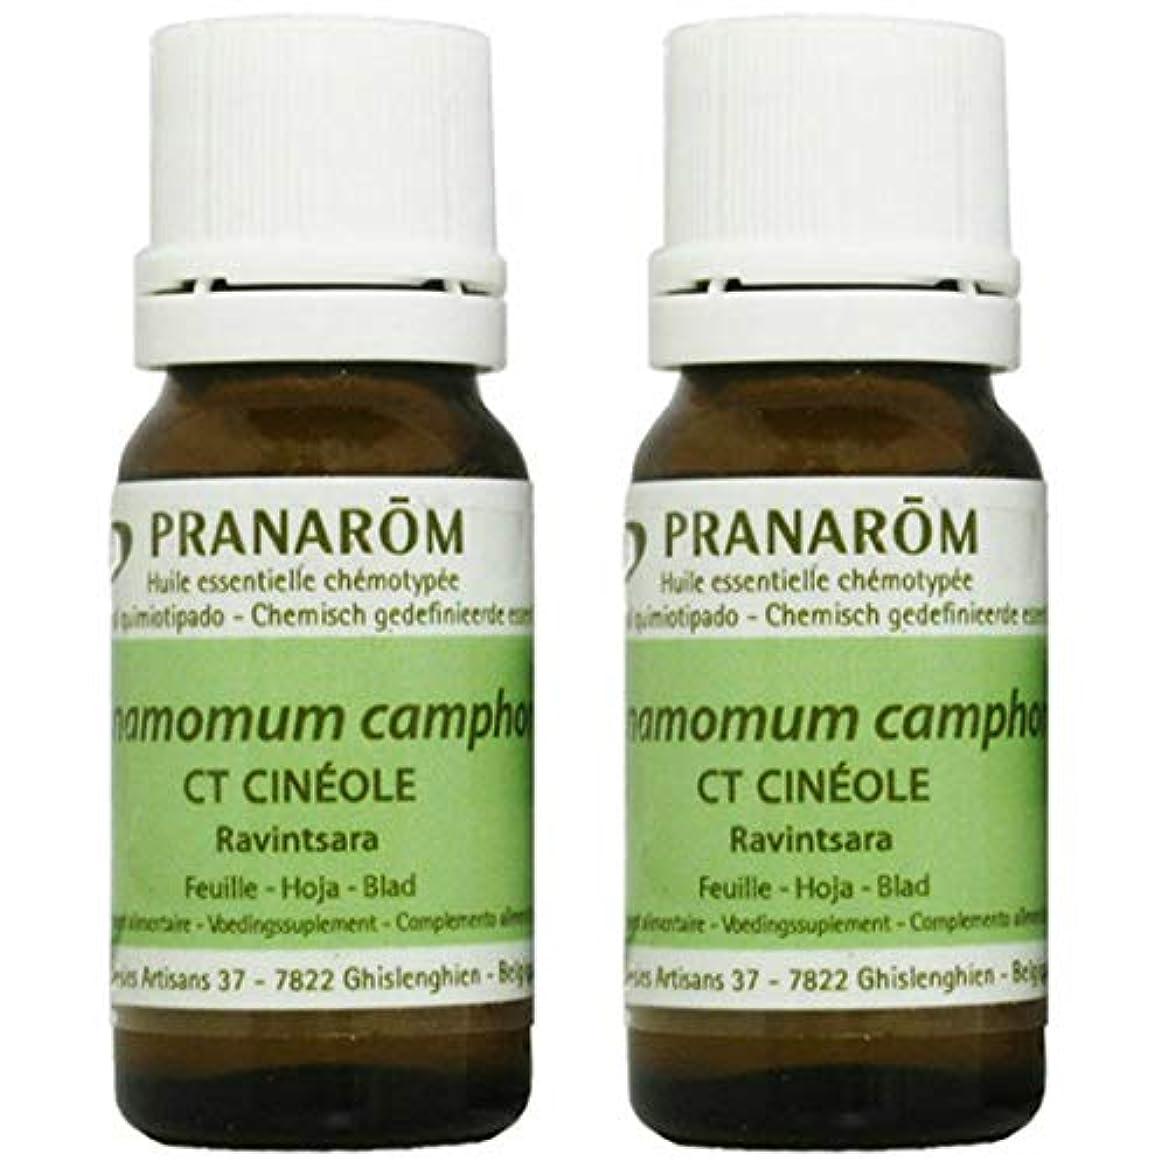 位置づける杭チャーミングプラナロム ラヴィンツァラ 10ml 2本セット (PRANAROM ケモタイプ精油)